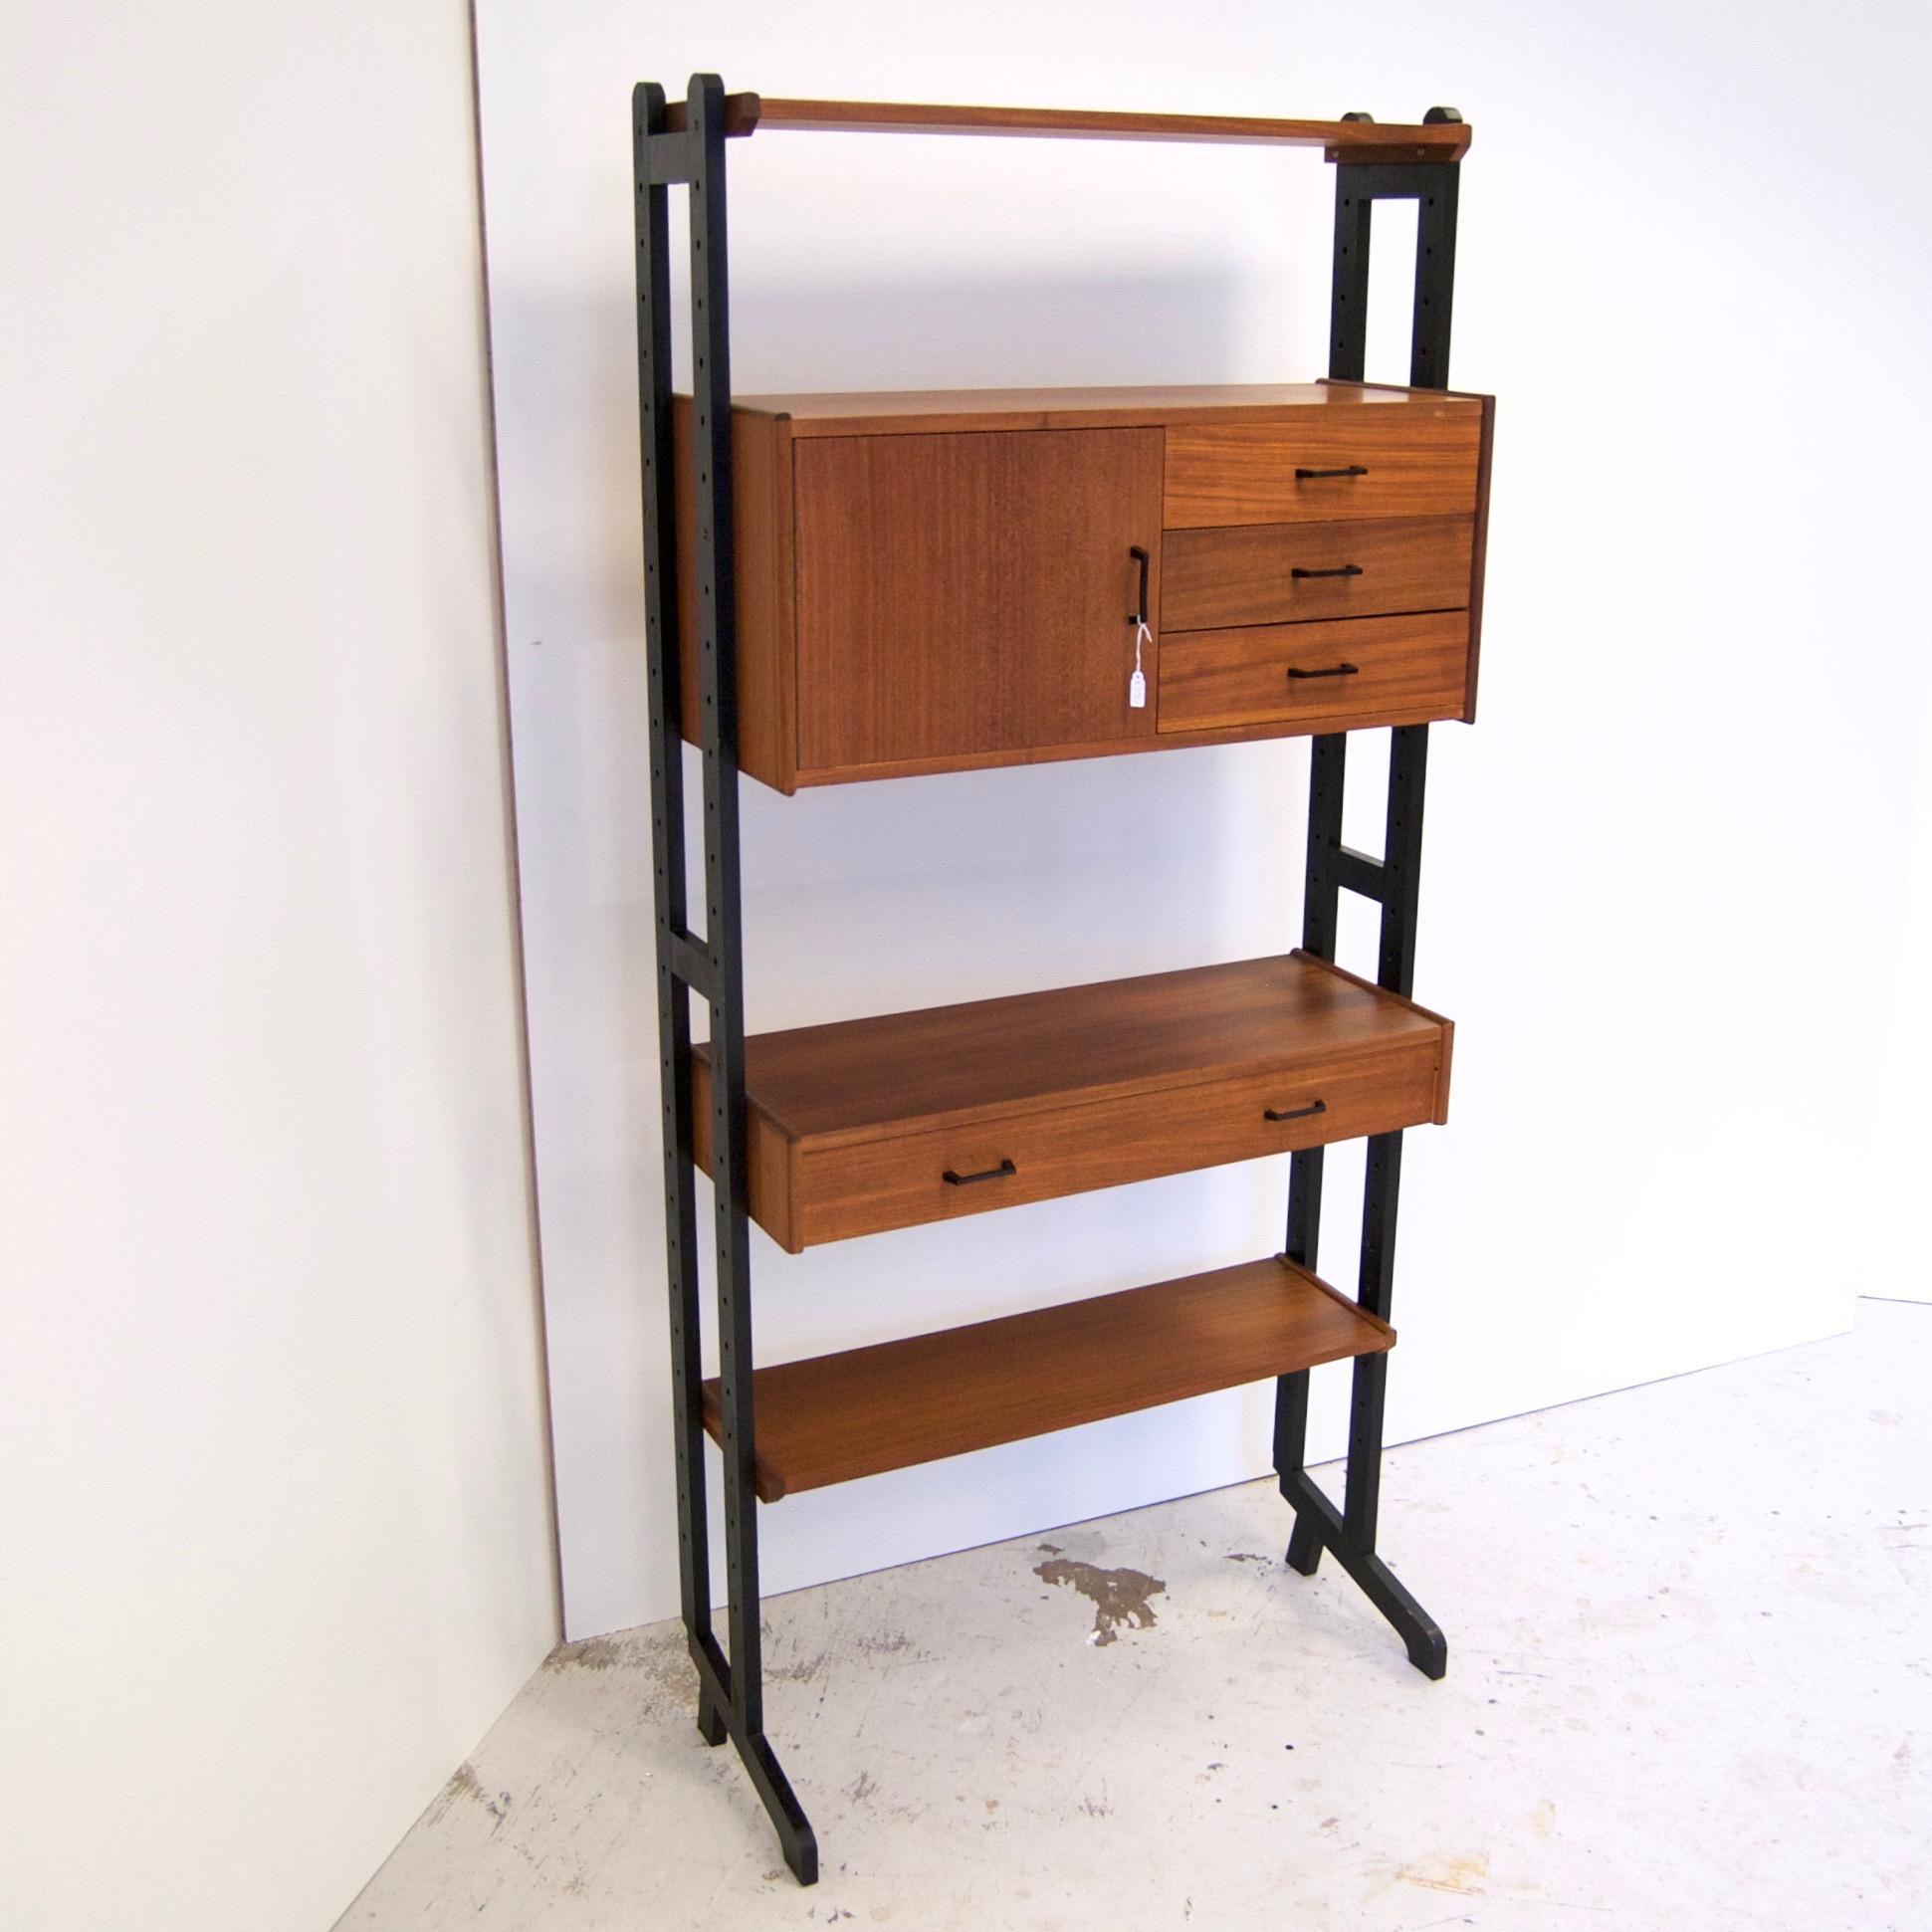 Vintage simpla-lux boekenkast in prachtige staat - Gebroeders van Duijn